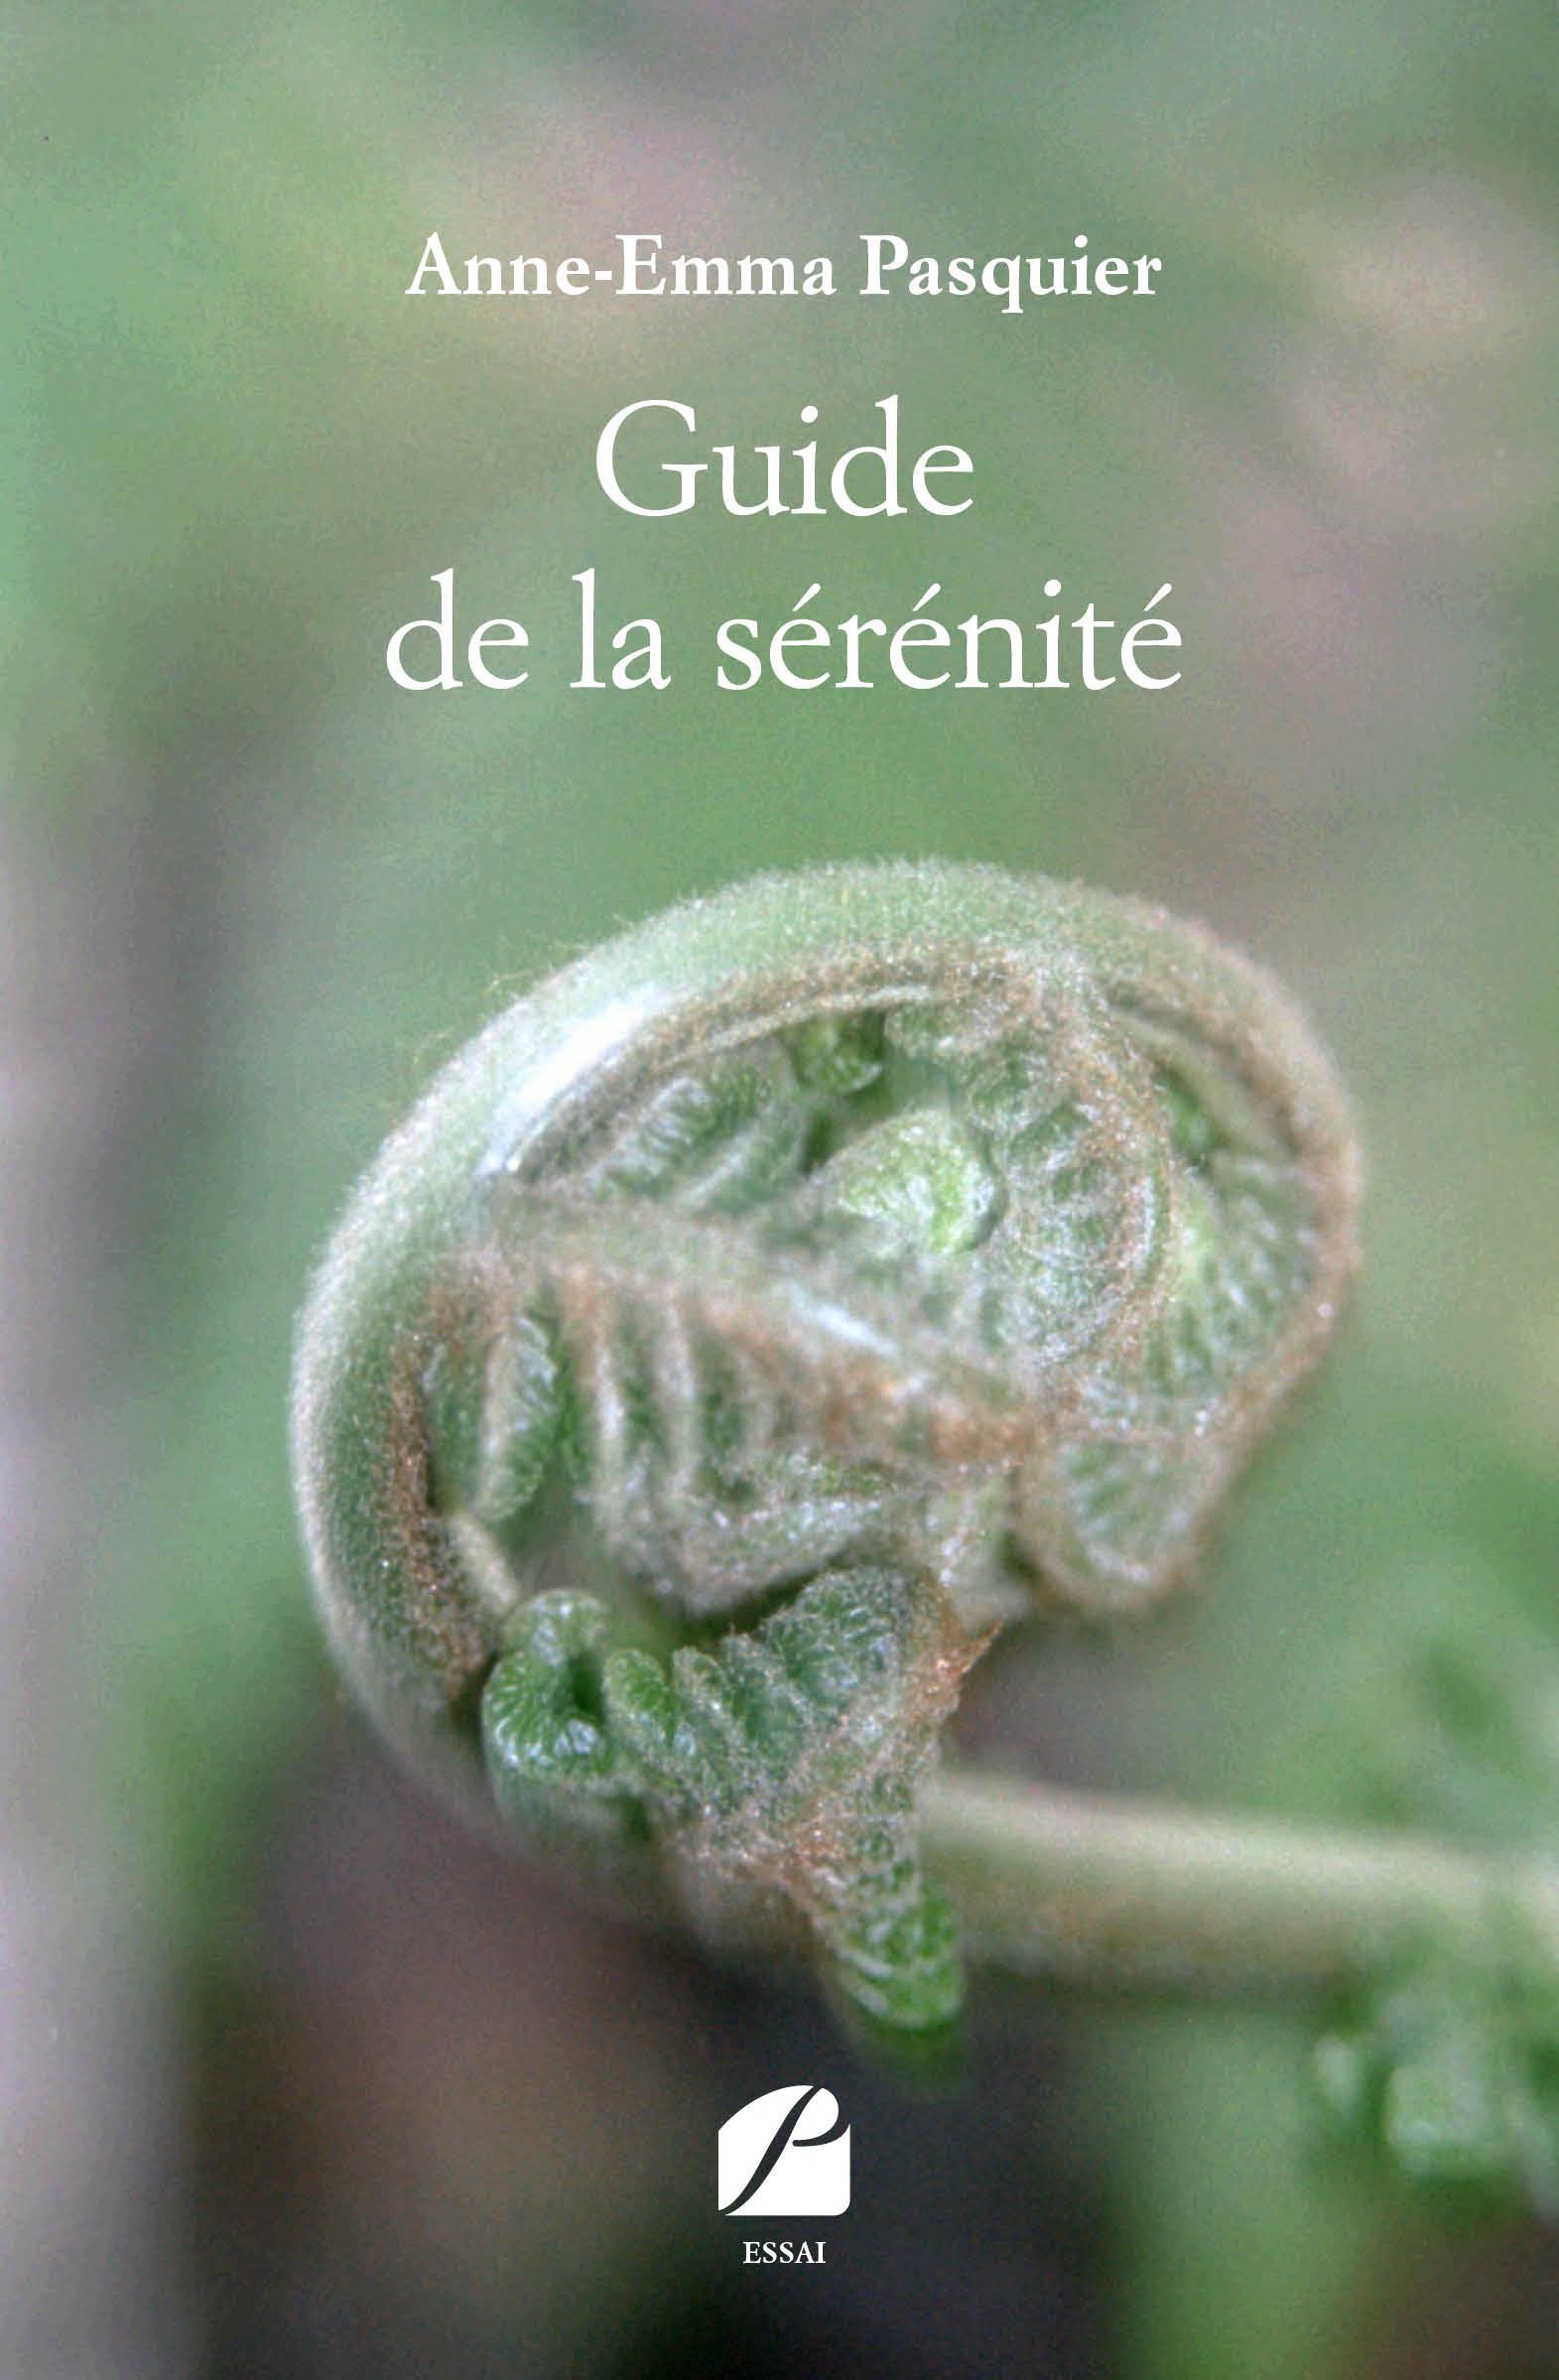 Guide de la sérénité